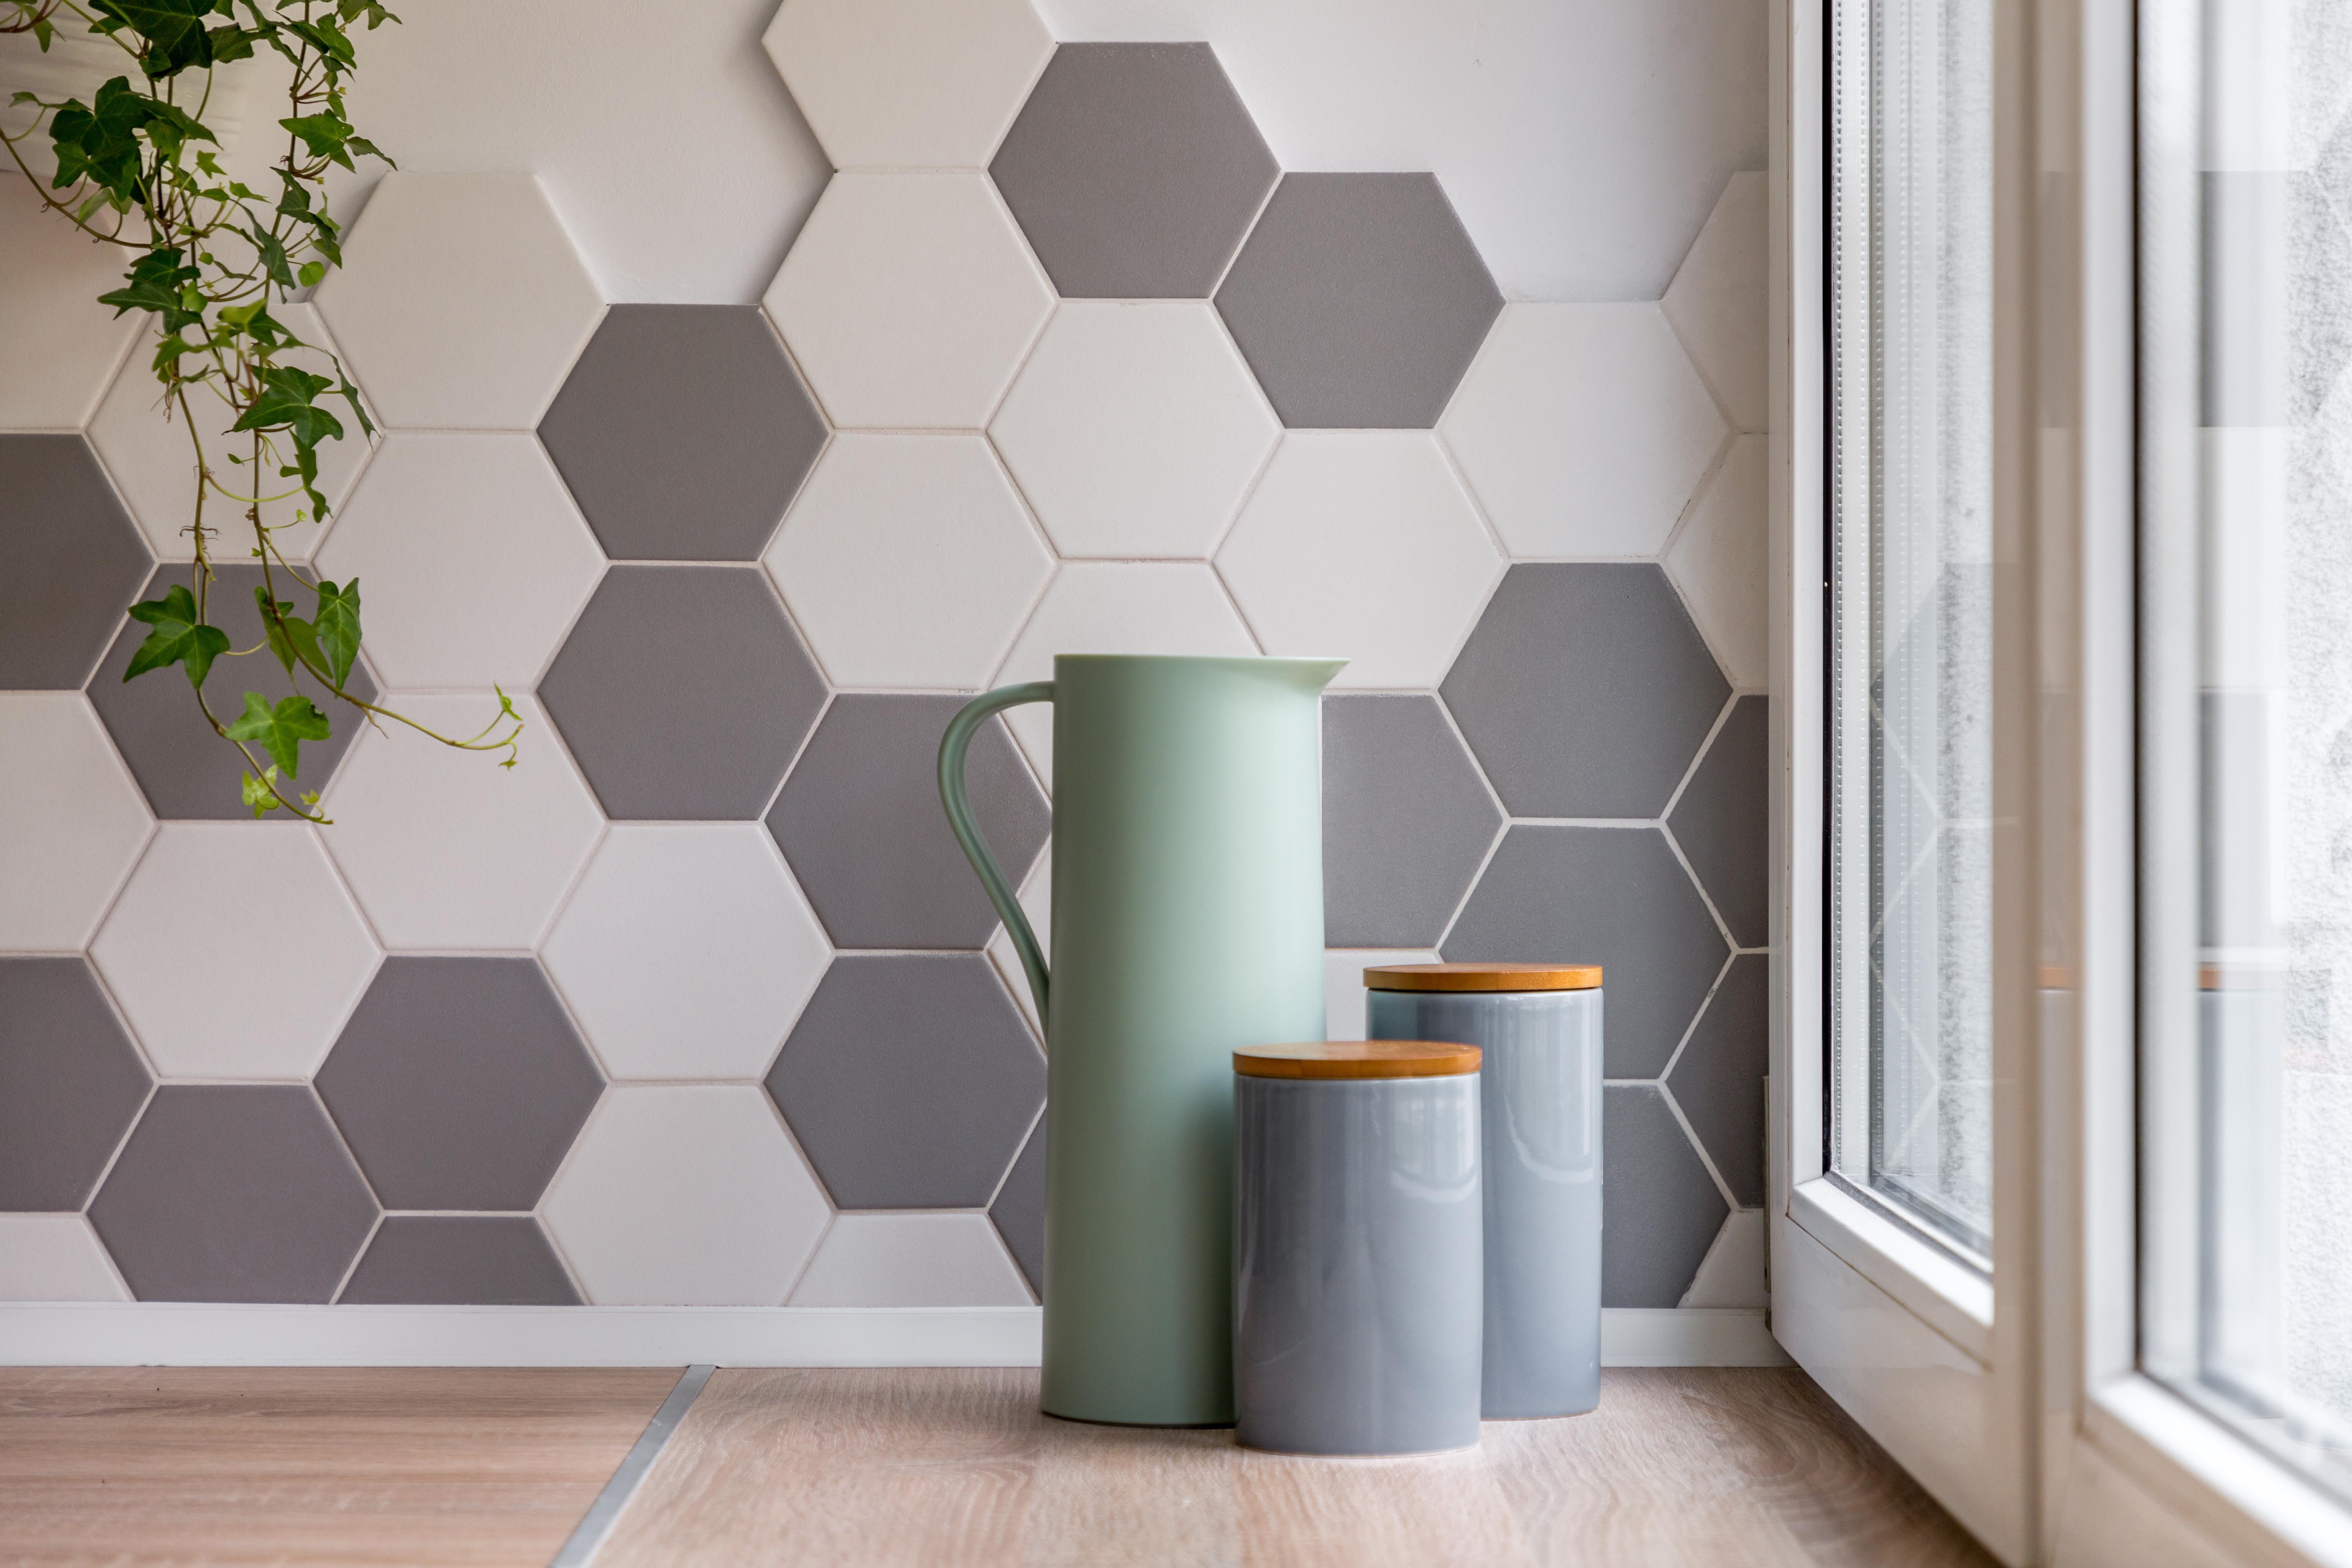 Le Carrelage Hexagonal : Atout, Inconvénient Et Prix tout Carrelage Sol Hexagonal